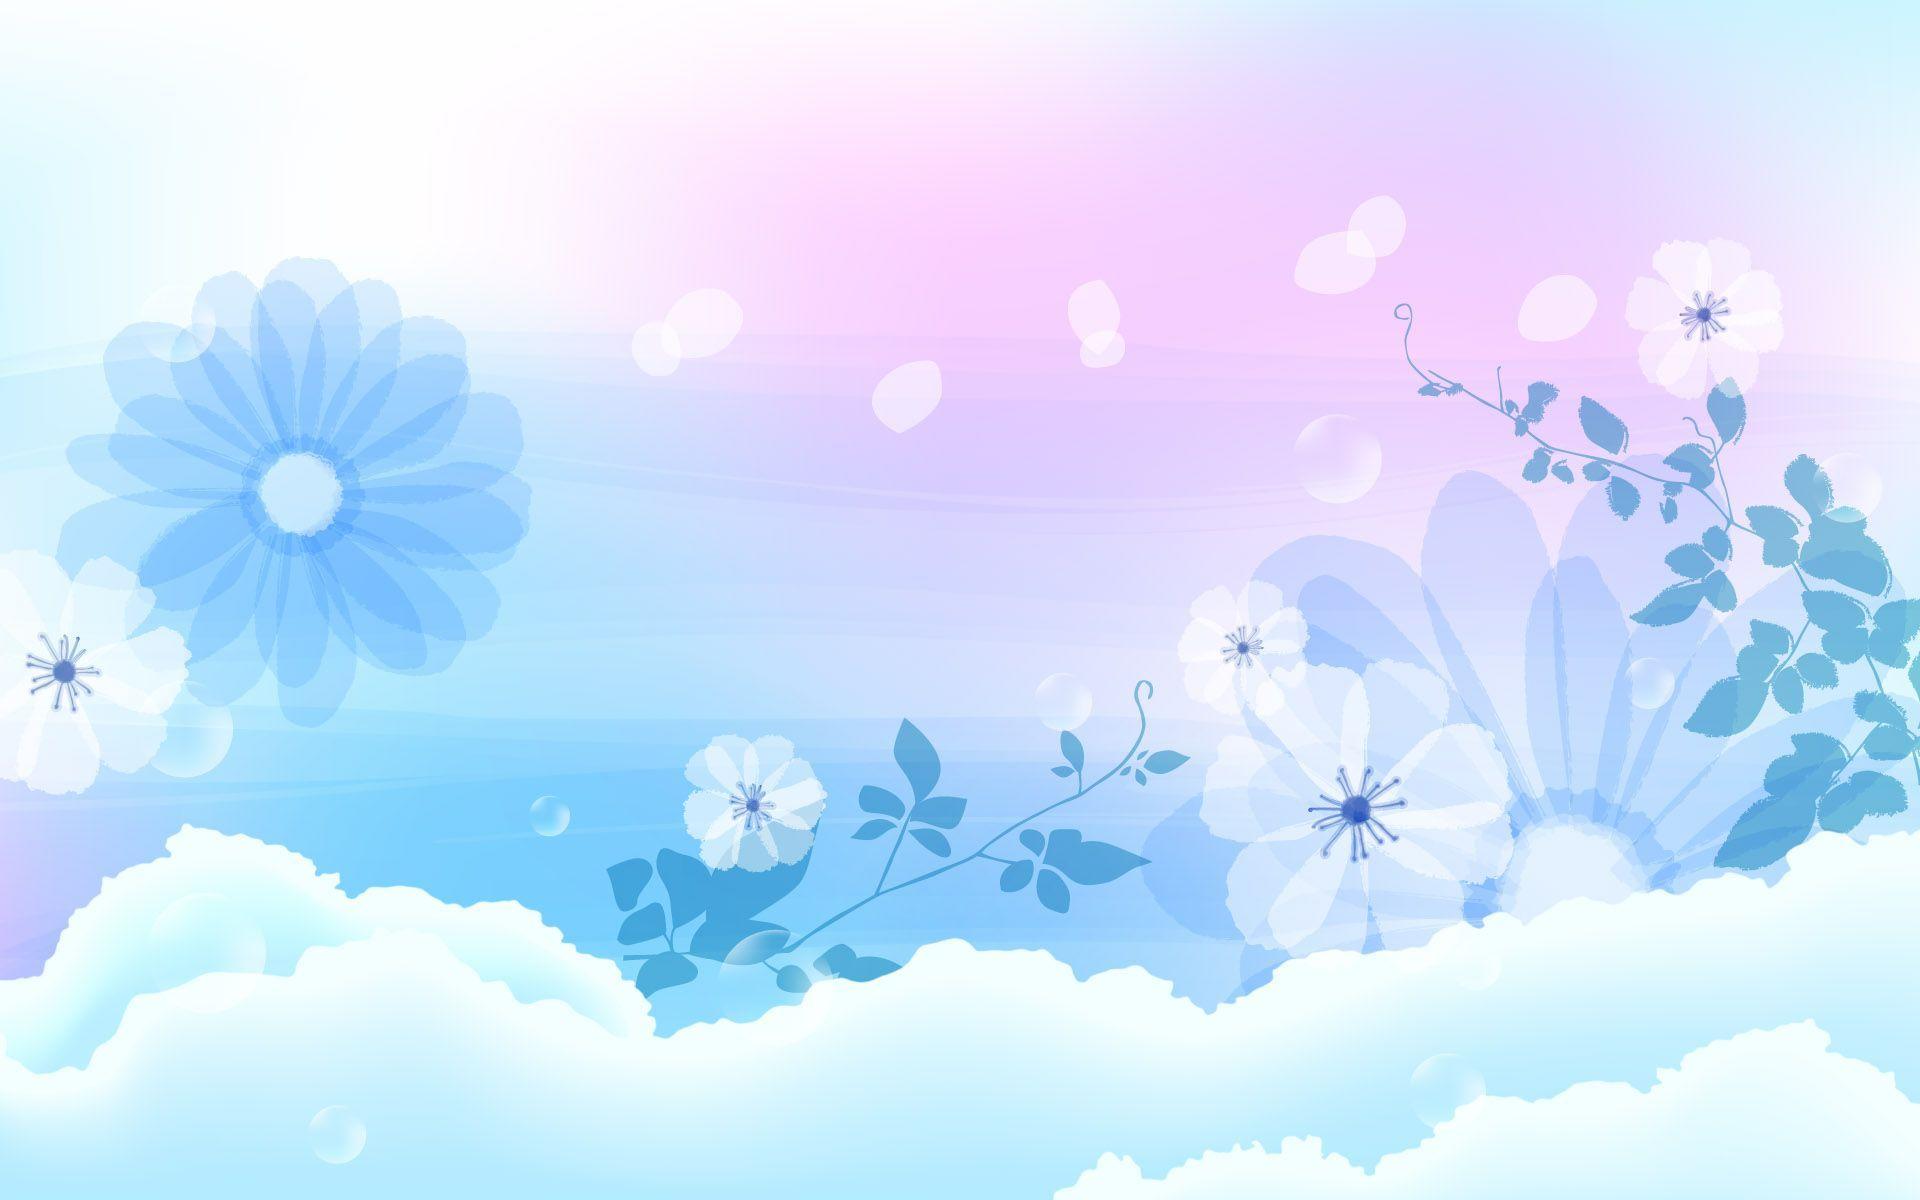 Blue Flowers Hd Desktop Wallpaper Widescreen High Definition - Light Color Background Design , HD Wallpaper & Backgrounds